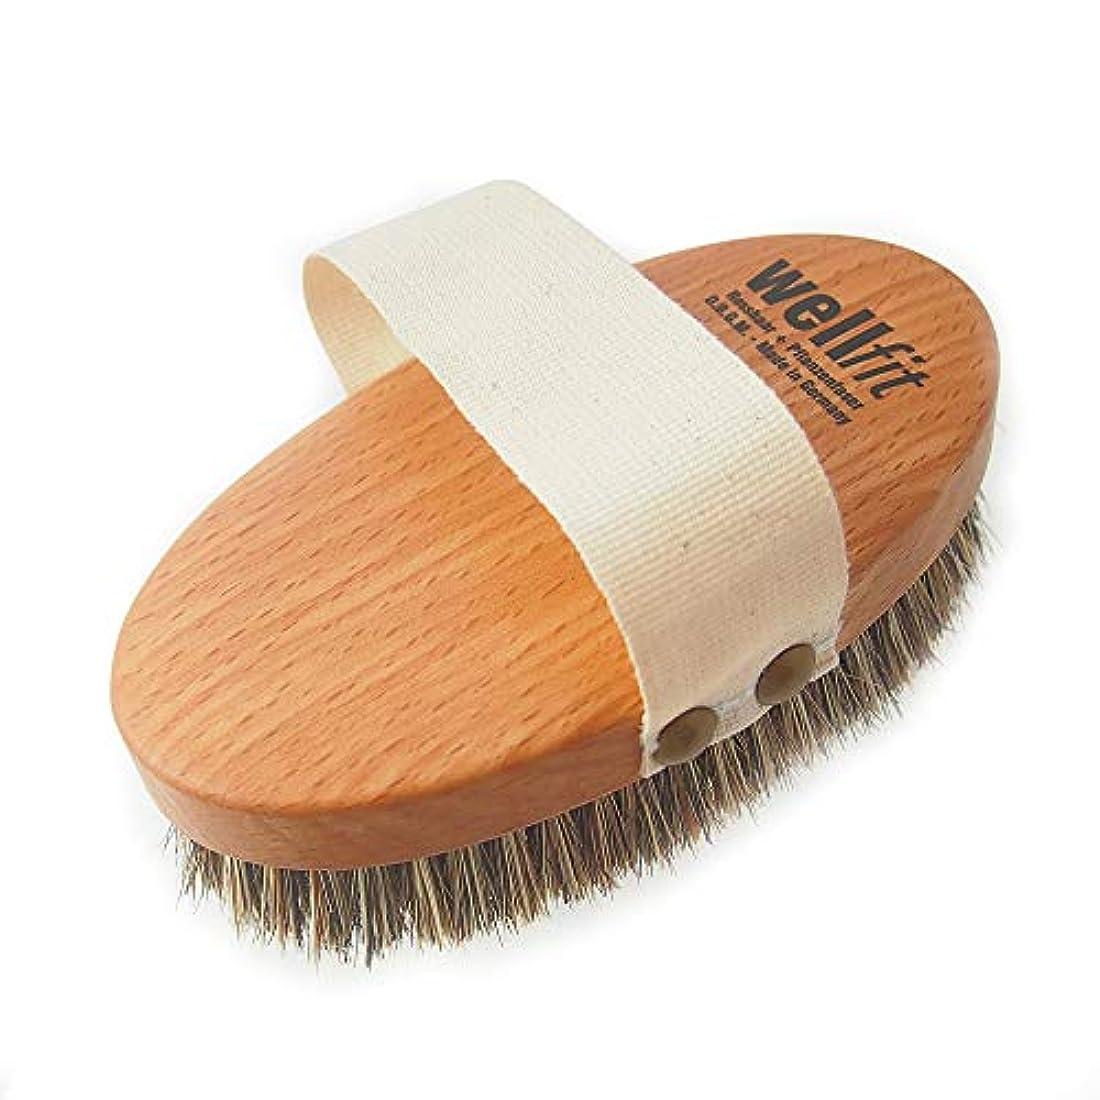 色論争的フレッシュレデッカー Redecker マッサージブラシ(ミディアムハード 馬毛と植物毛の混毛植毛) 正規品